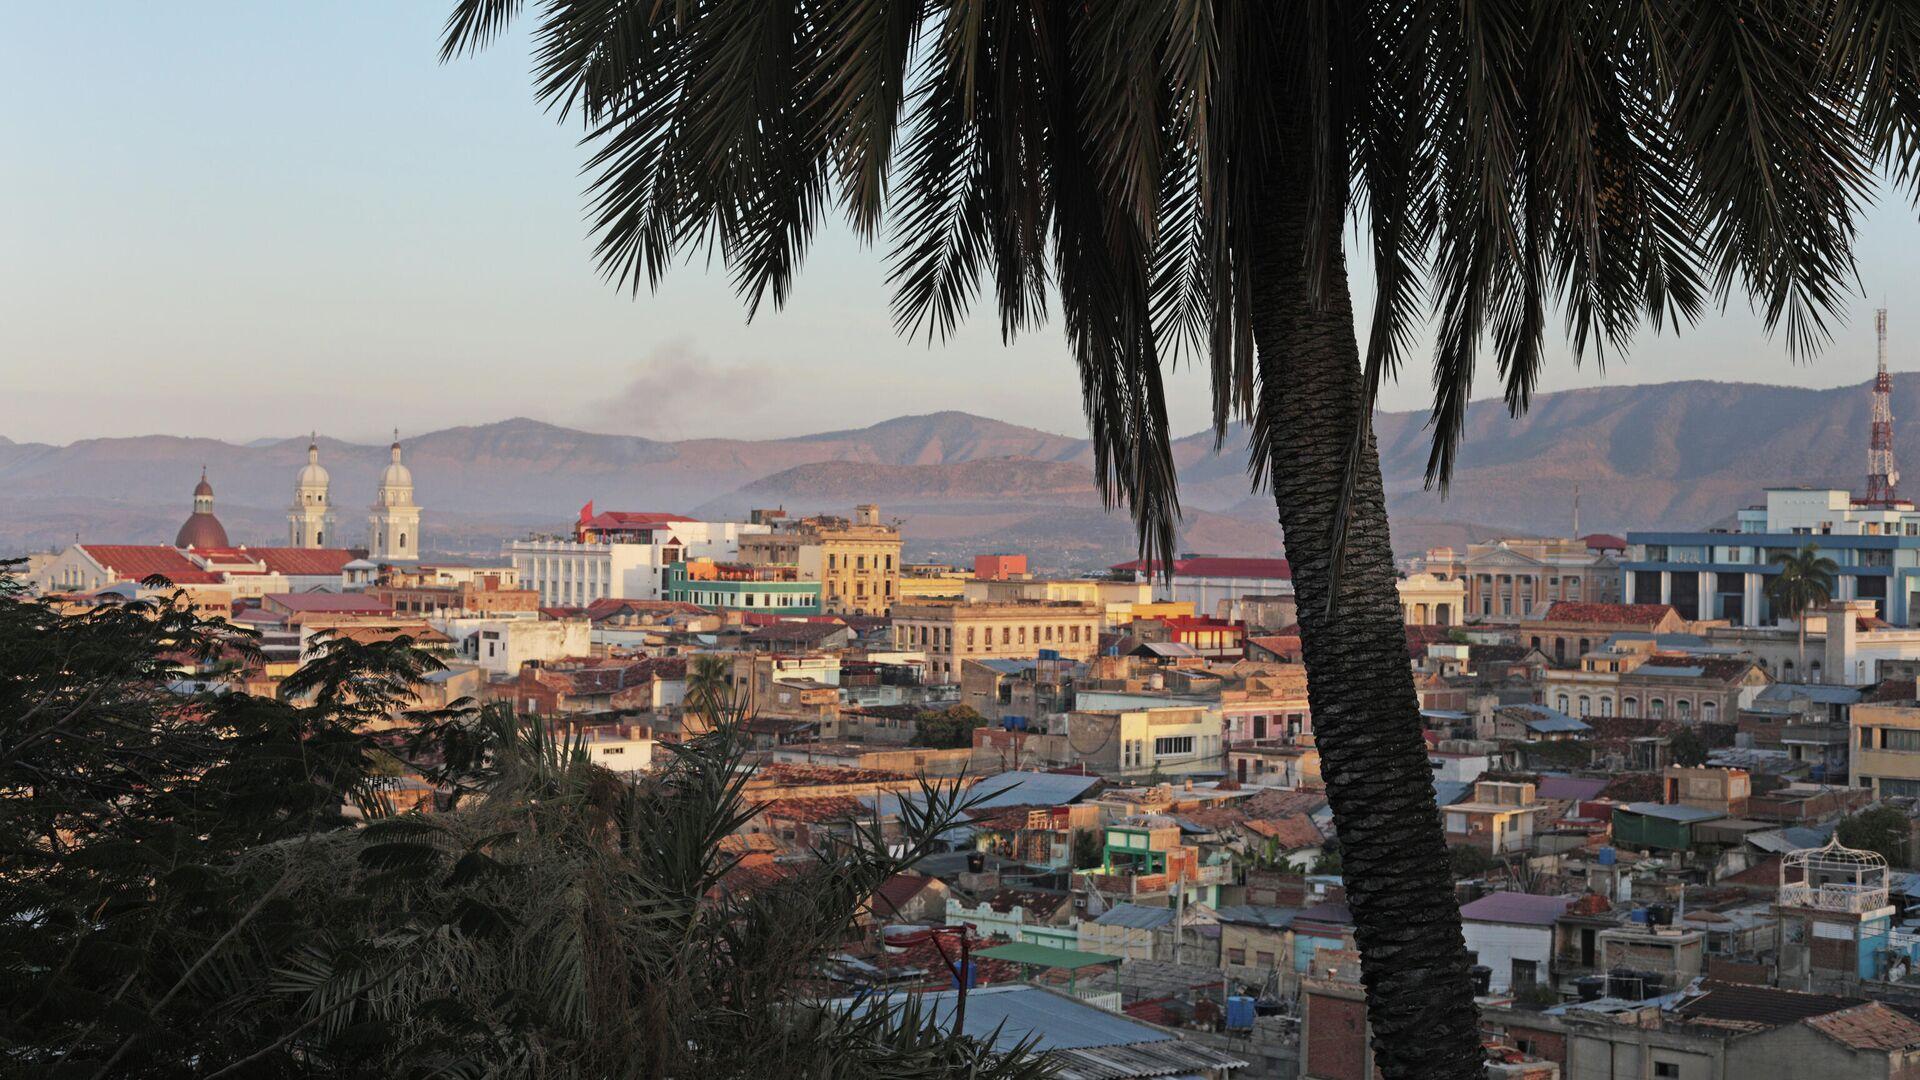 Вид на город Сантьяго-де-Куба со смотровой площадки - РИА Новости, 1920, 05.07.2021